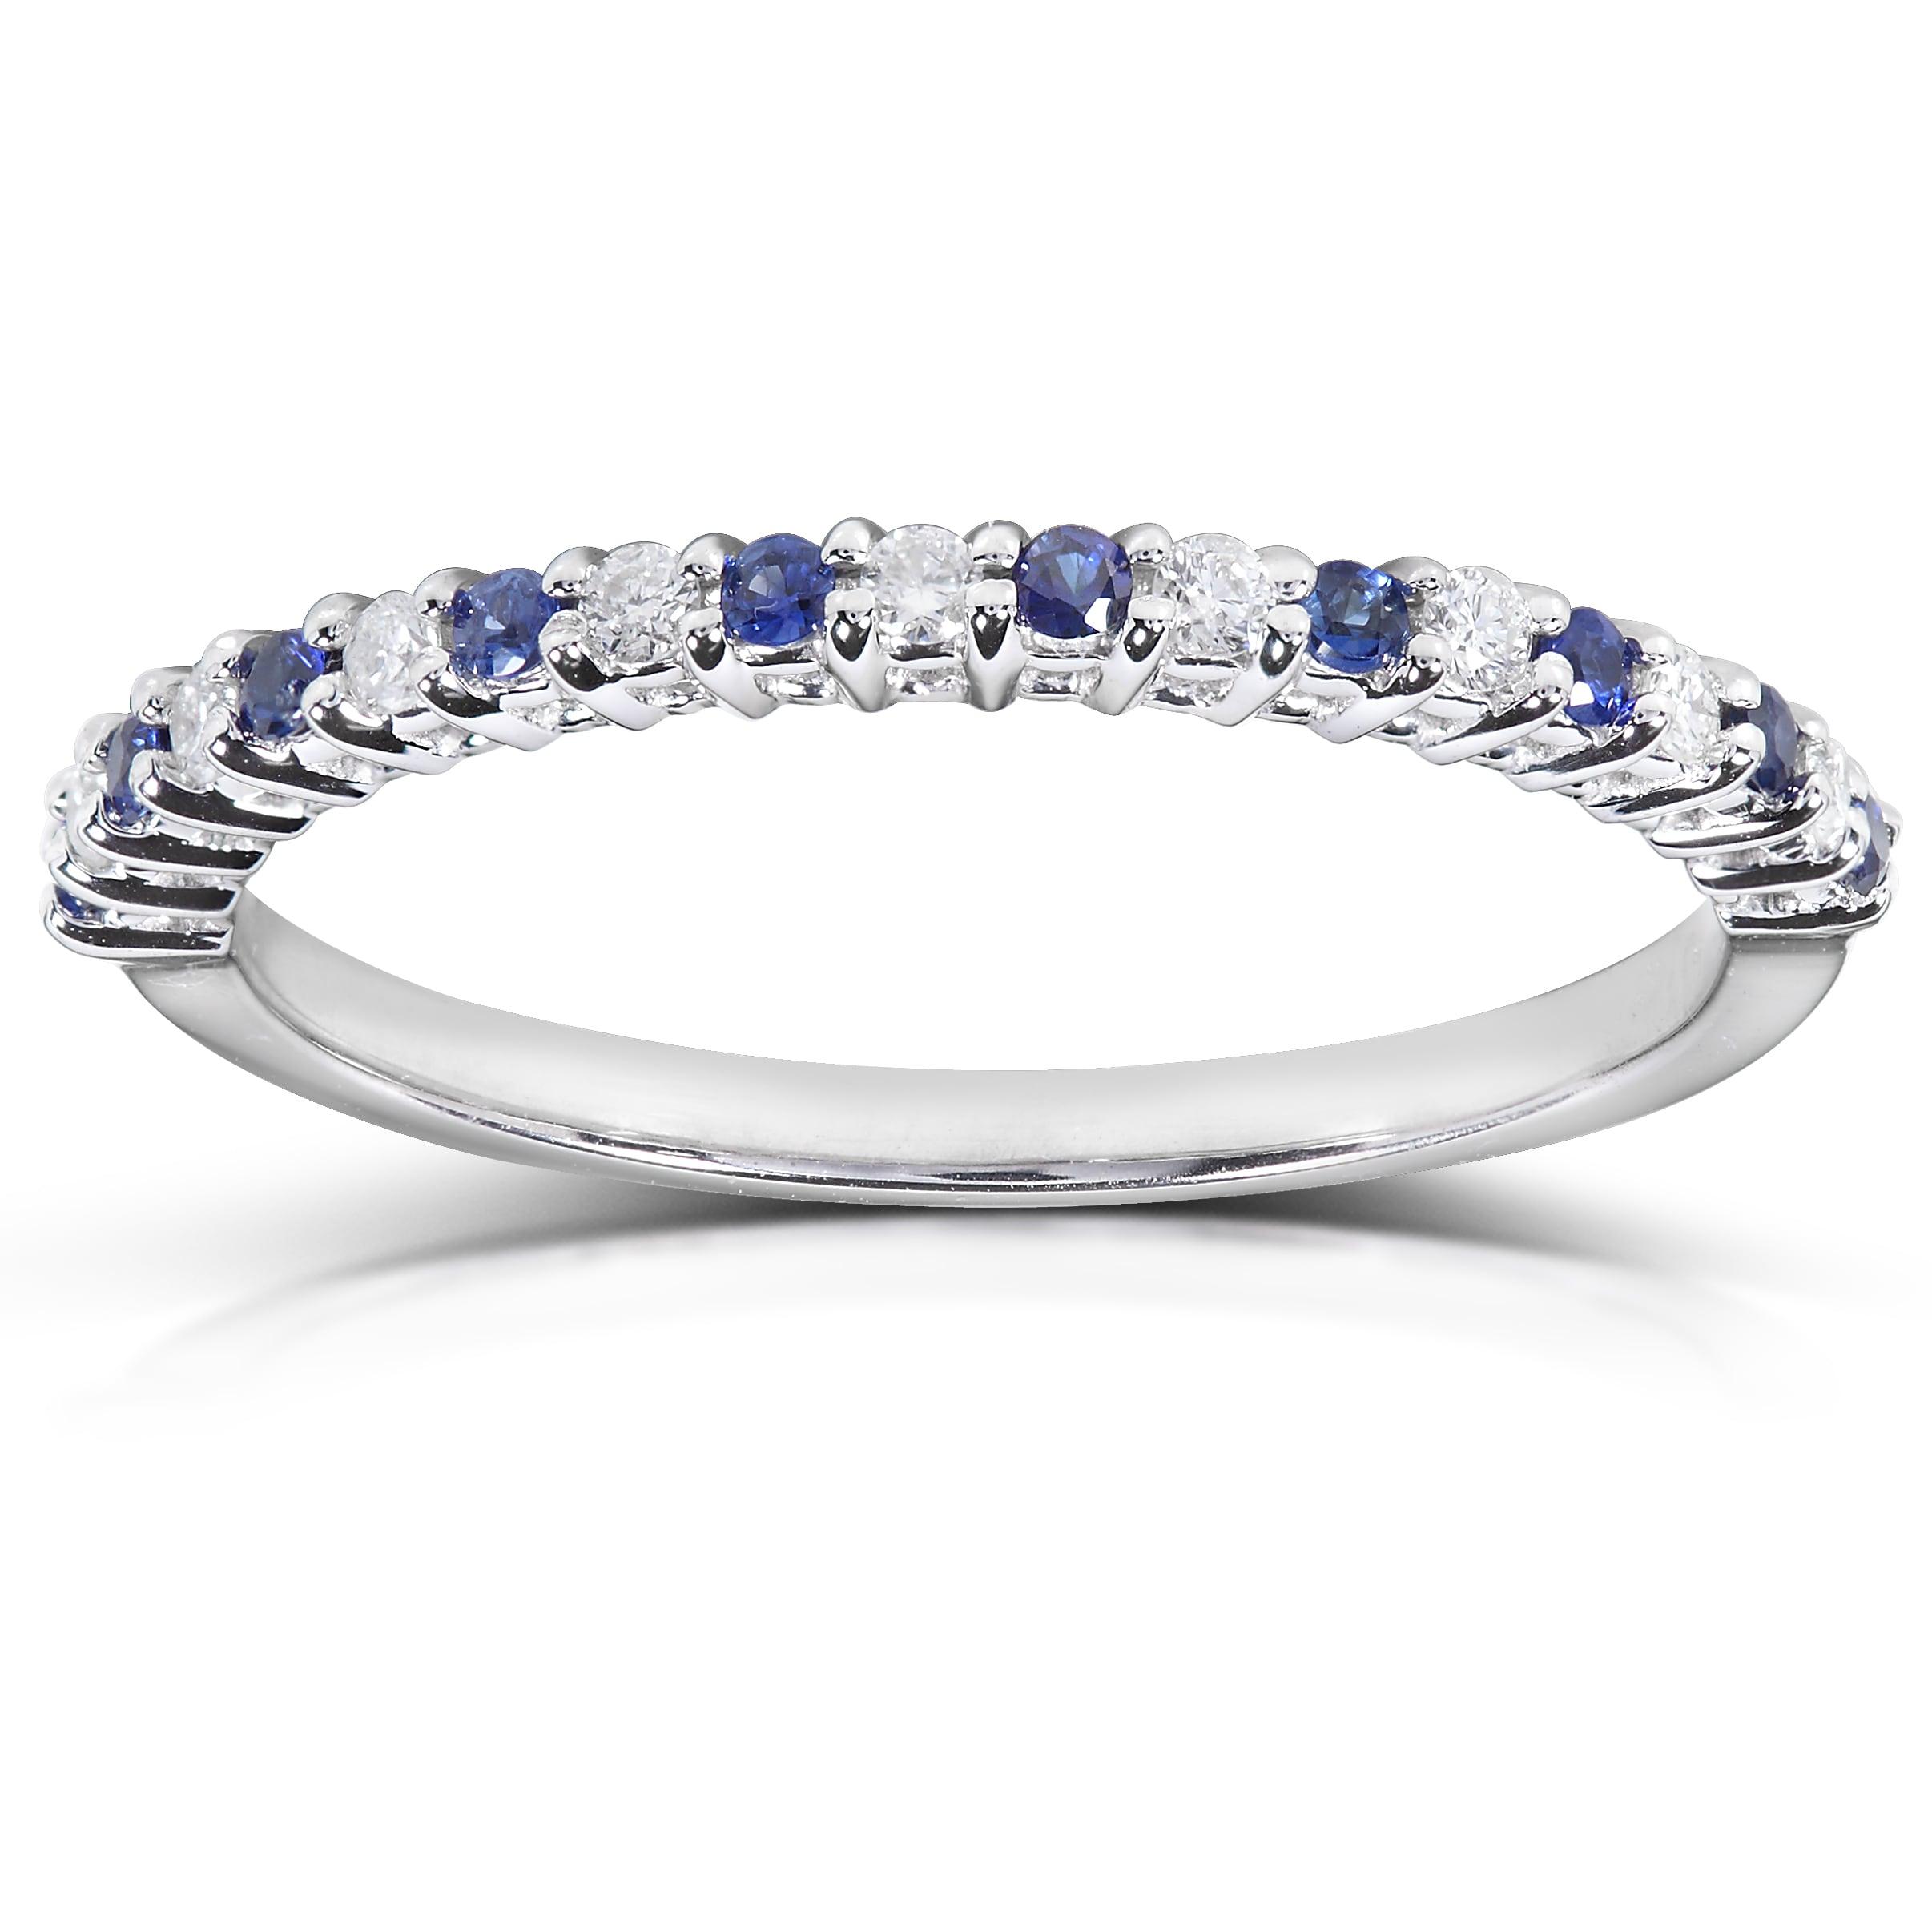 Annello 14k White Gold 1/10ct TDW Blue Sapphire and Diamond Band (H-I, I1-I2)